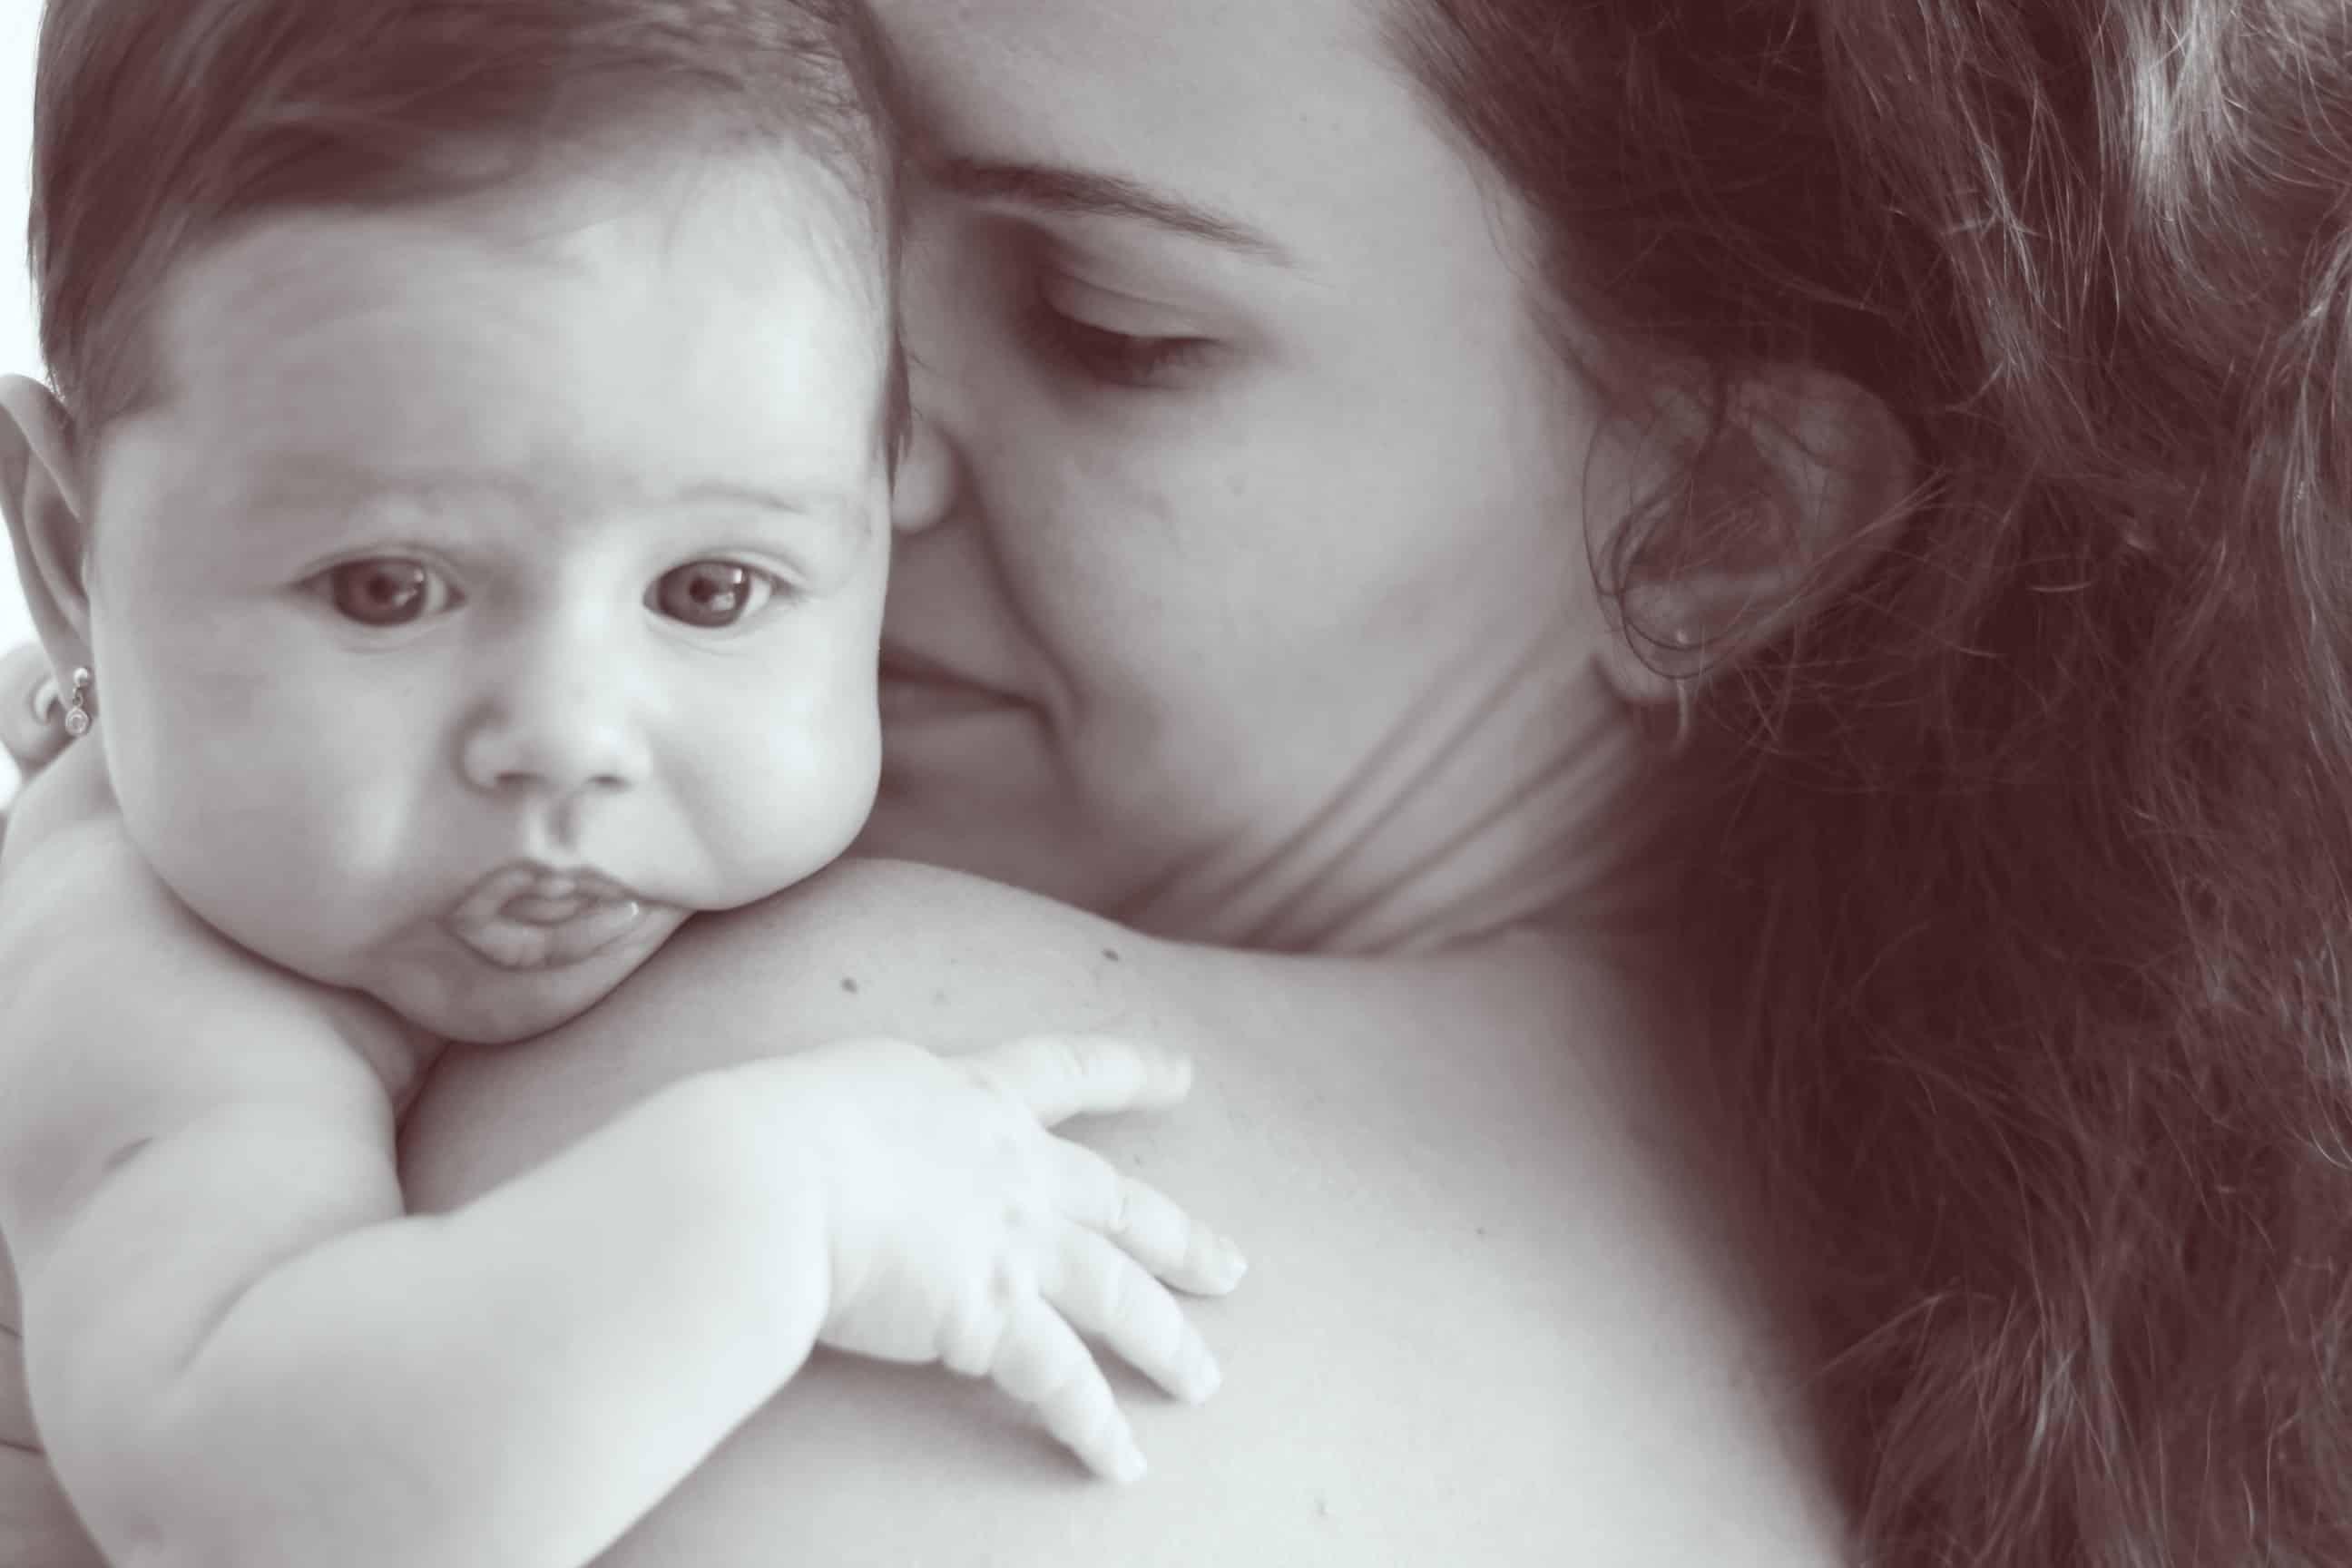 toddler and newborn schedule: skin to skin